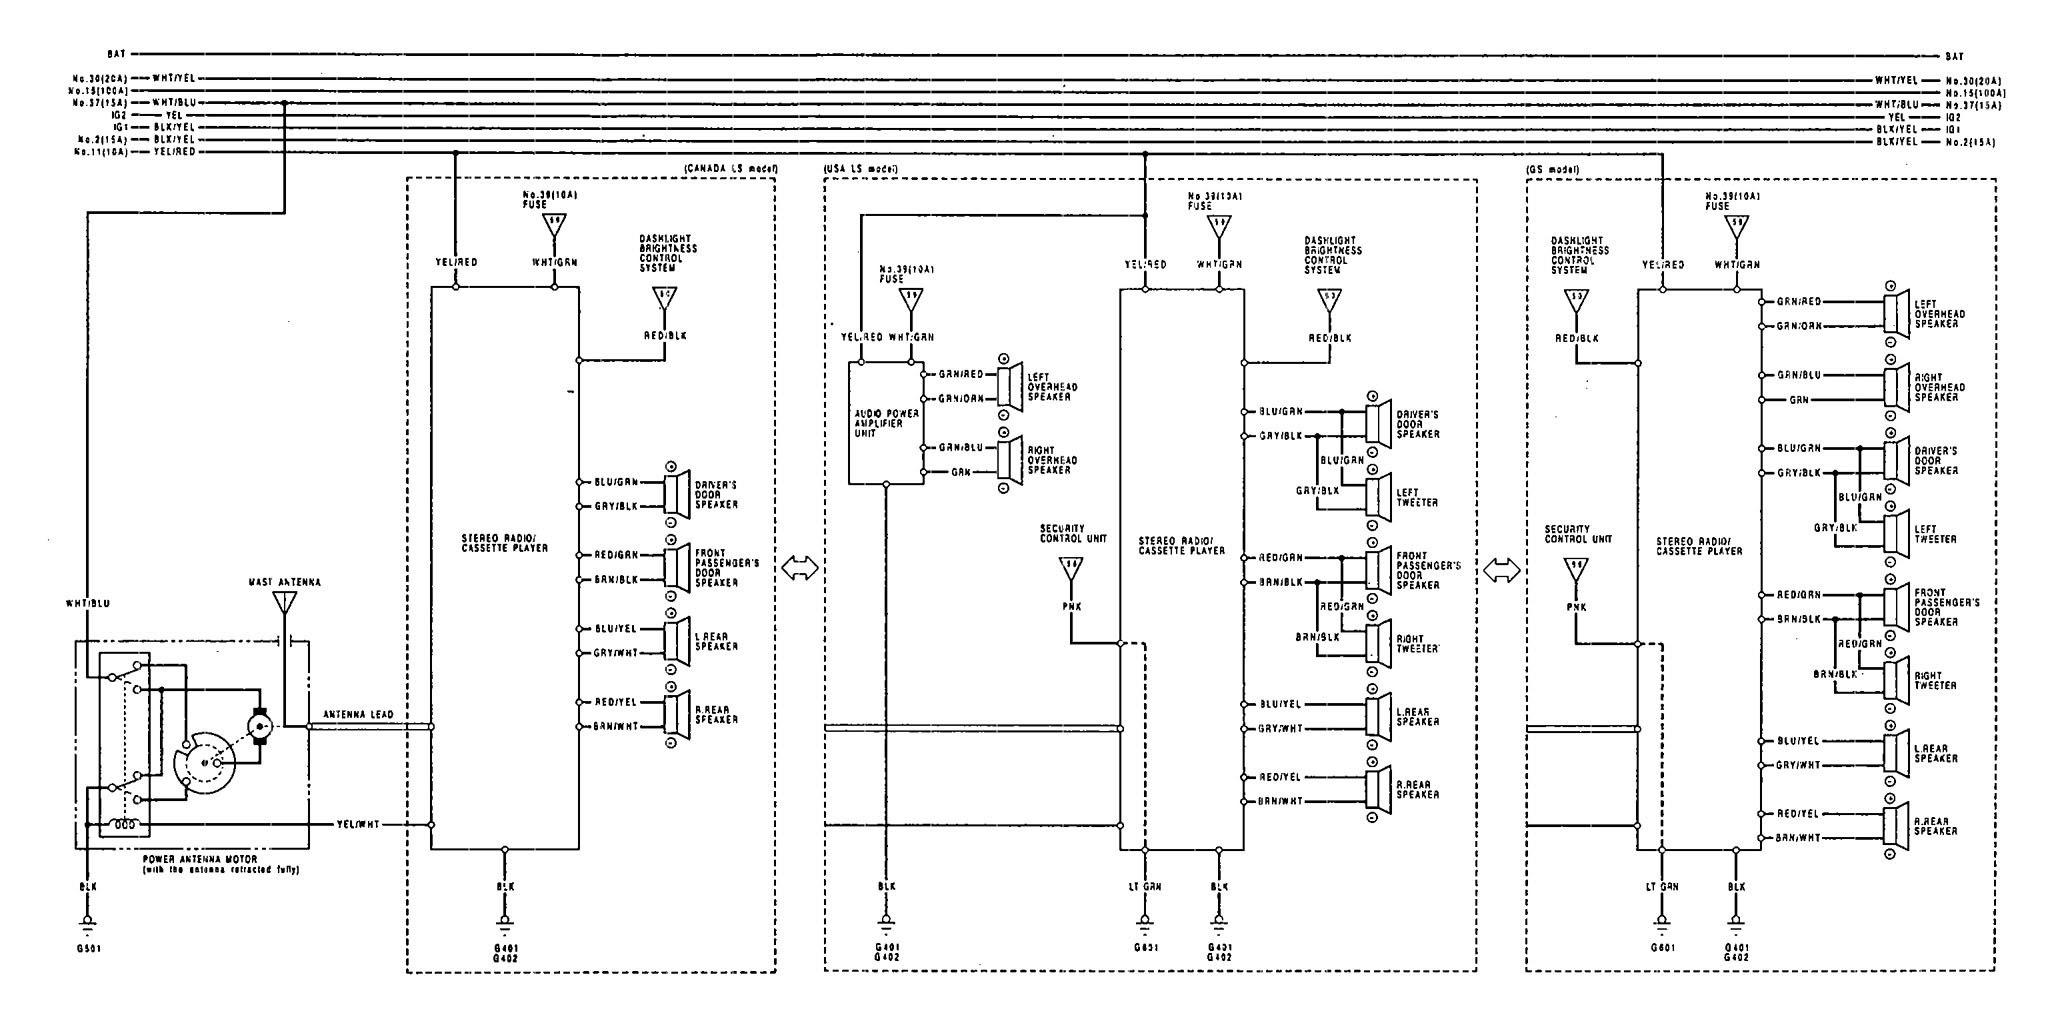 Acura Vigor (1992) - wiring diagrams - audio - CARKNOWLEDGE